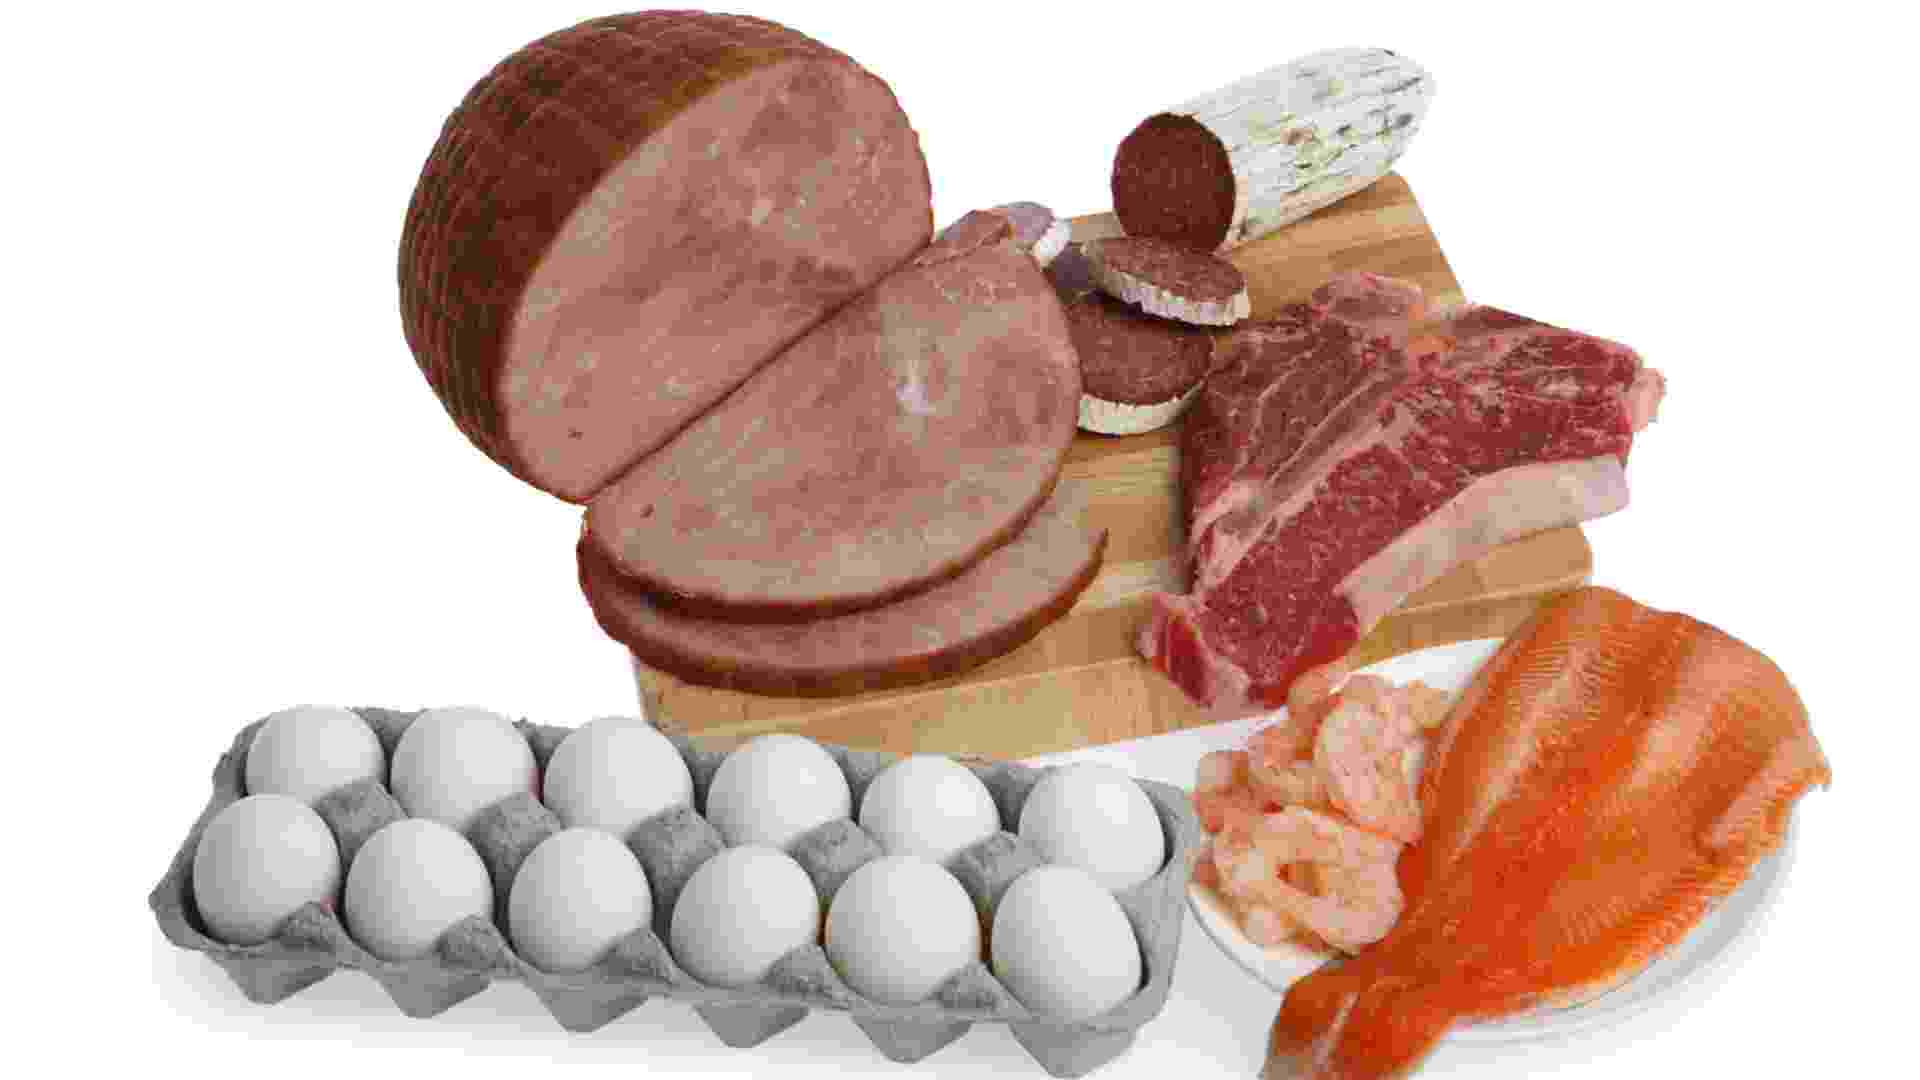 carne vermelha ovos peixe frango - Thinkstock